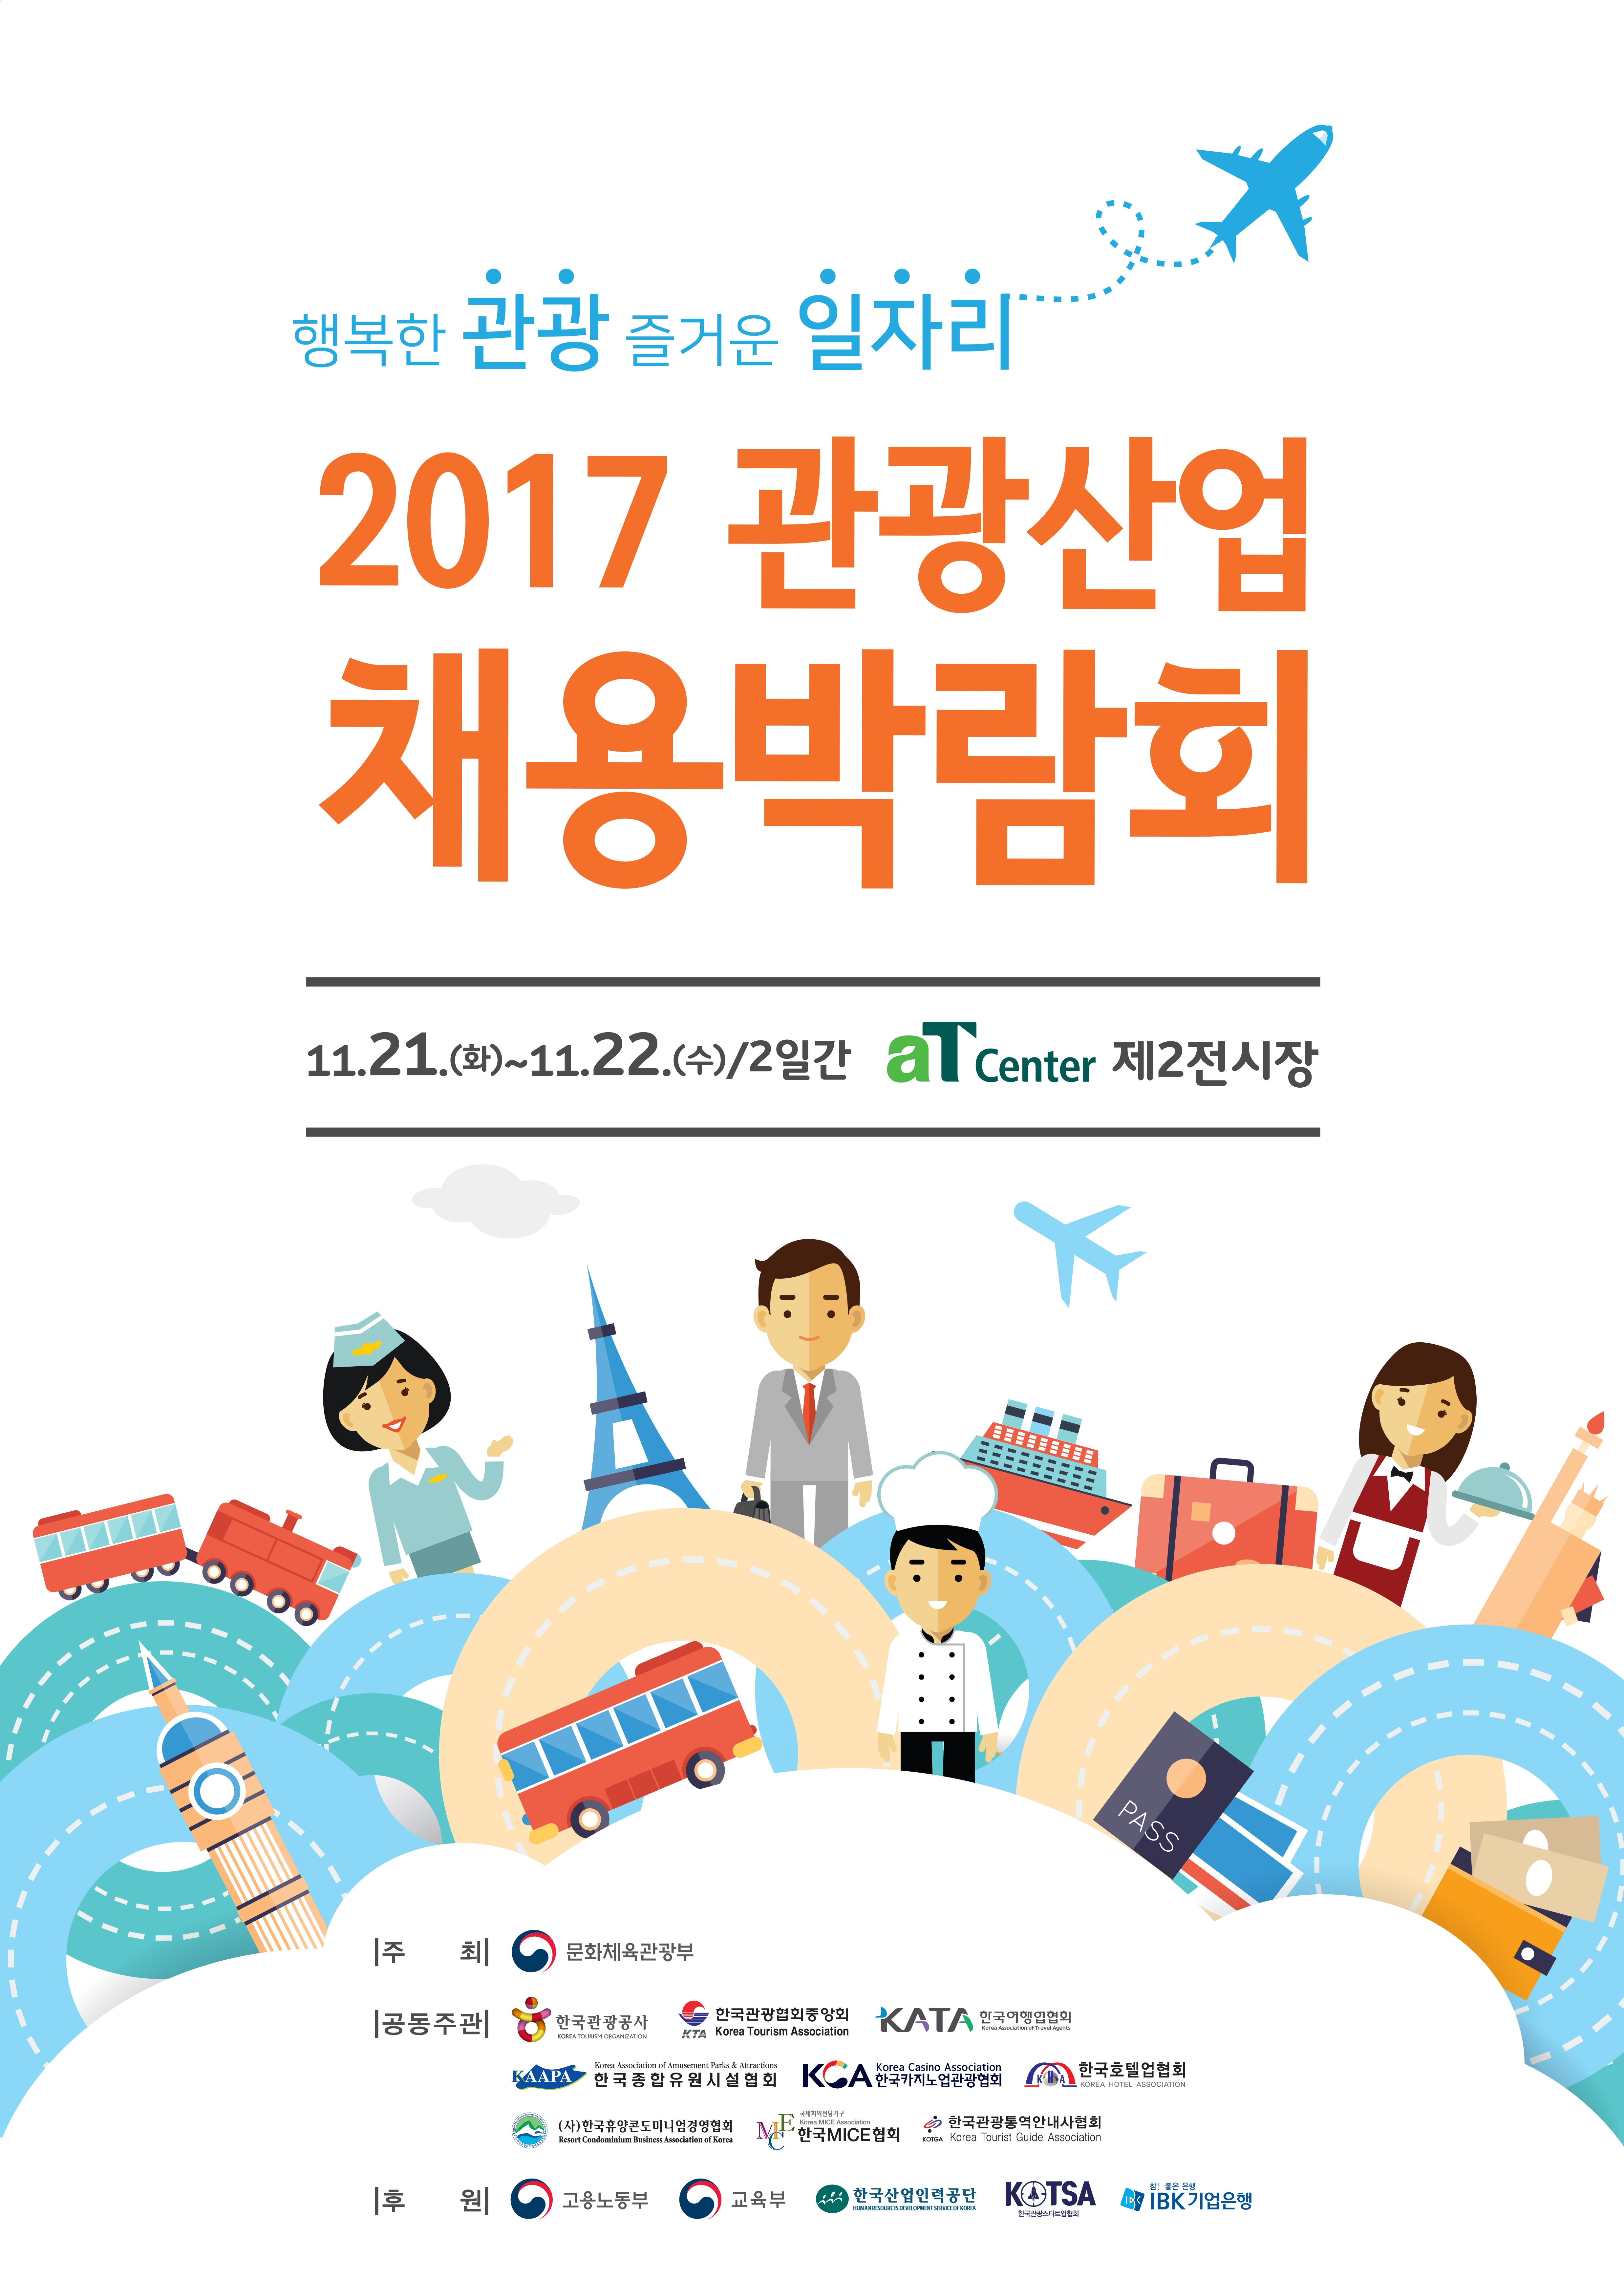 2017 관광산업 해외채용 박람회 개최(현장 접수 가능) 이미지